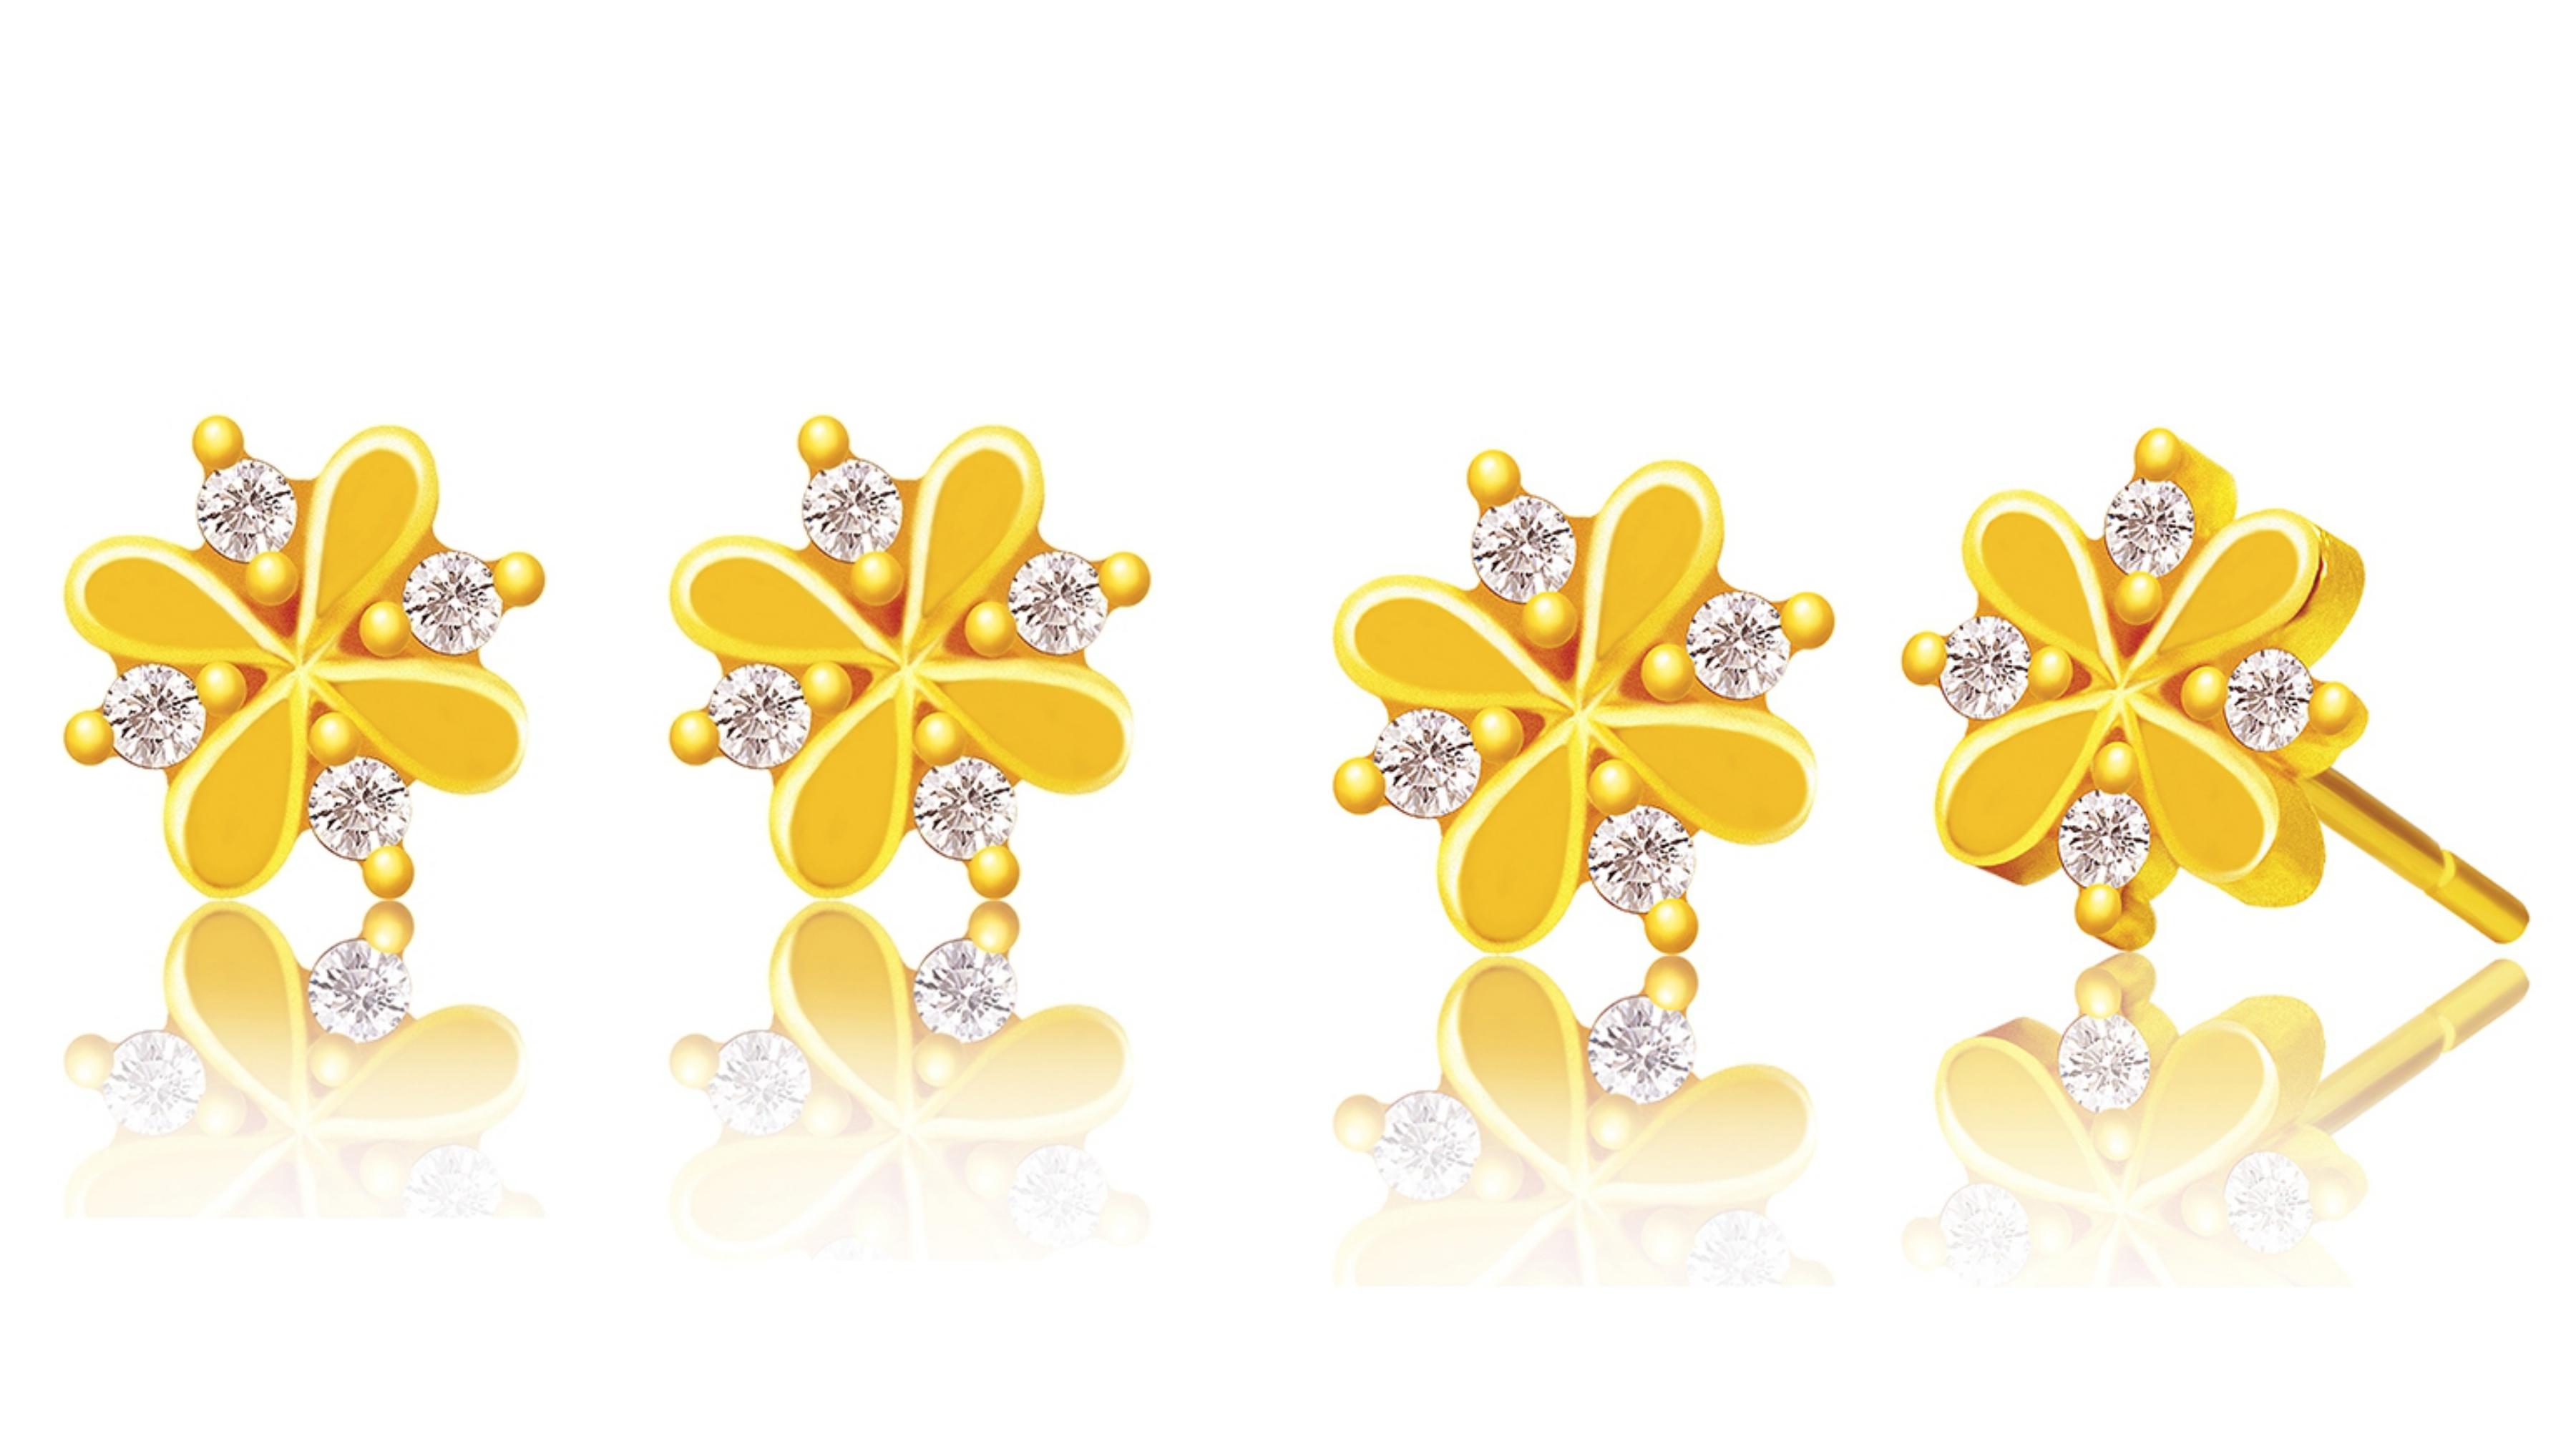 今生金飾 光耀耳環 黃金耳環 (網路獨賣) 設計師款999.9黃金耳環,優雅迷人的設計,經典的魅力造型